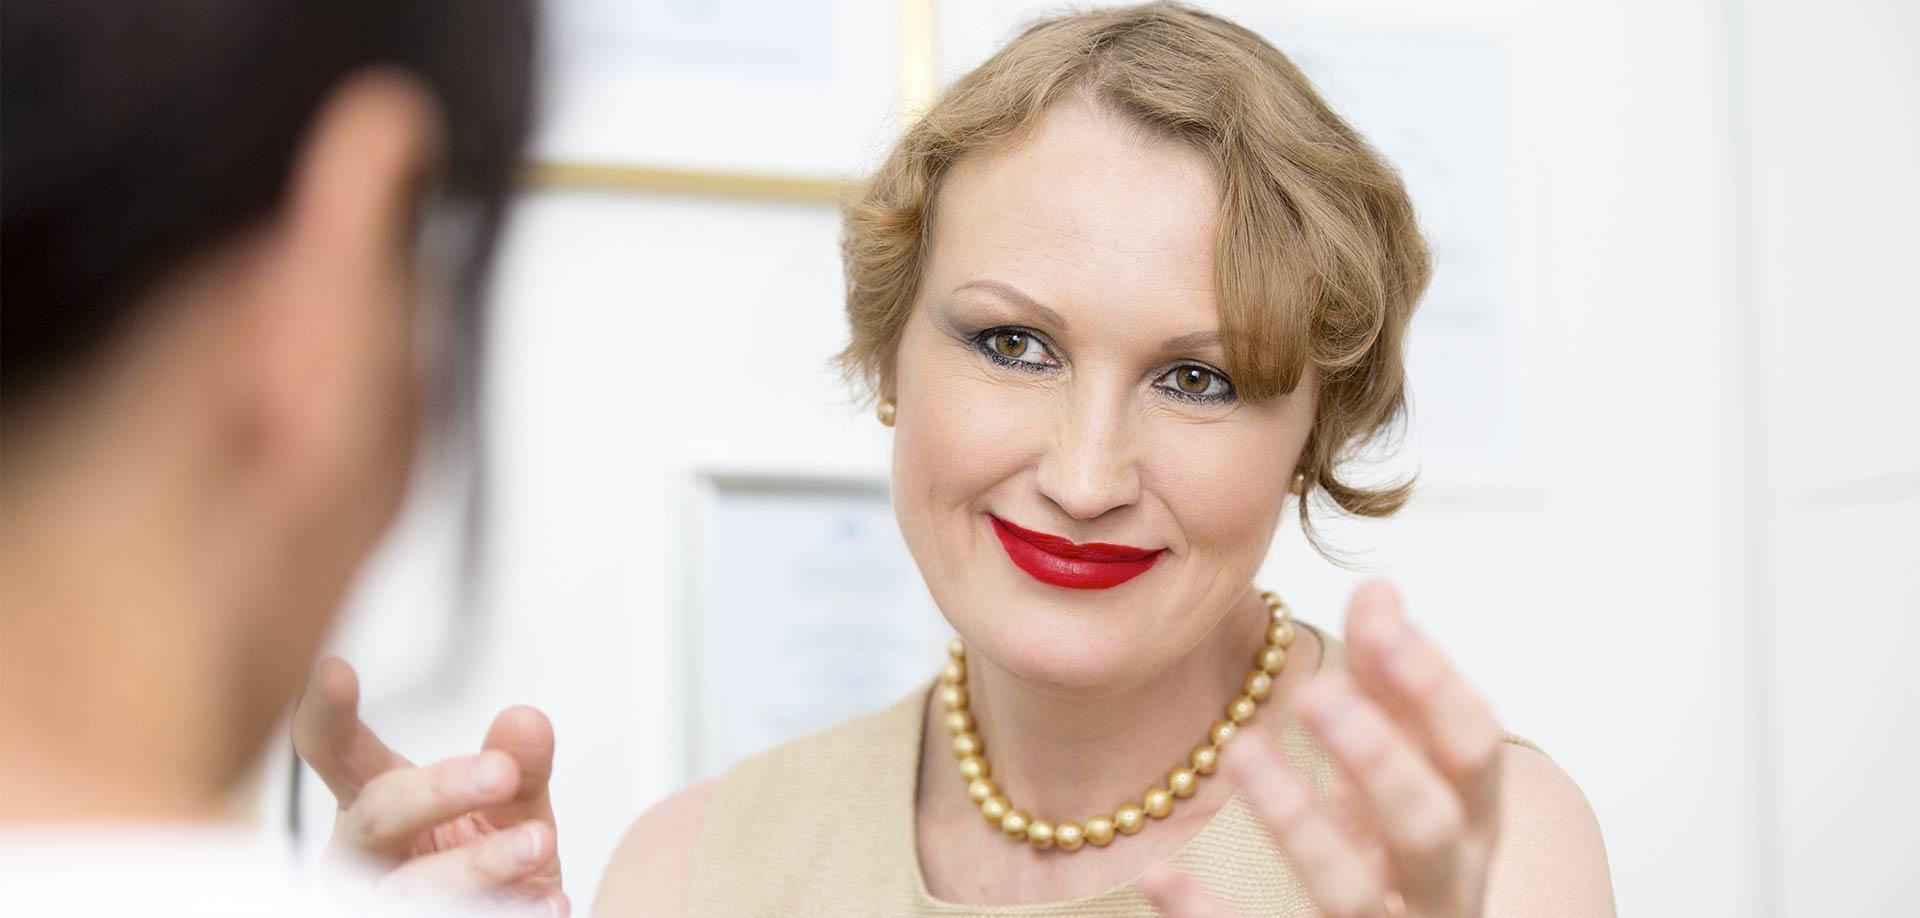 cPlastische Chirurgin in München, Dr. Med. Christina Günter